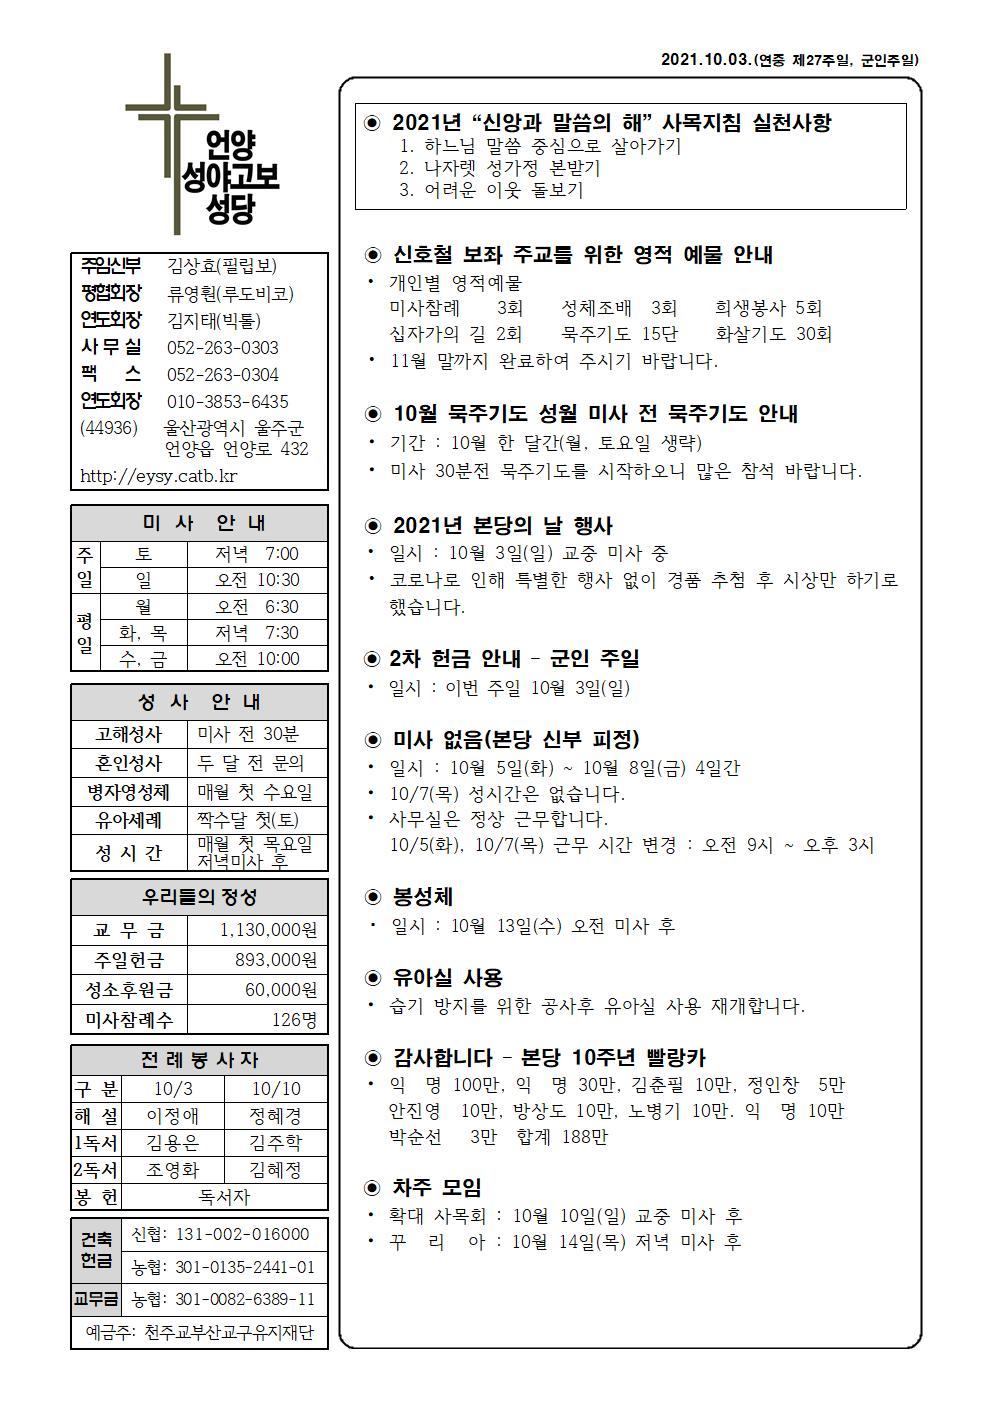 성야고보20211003001.png